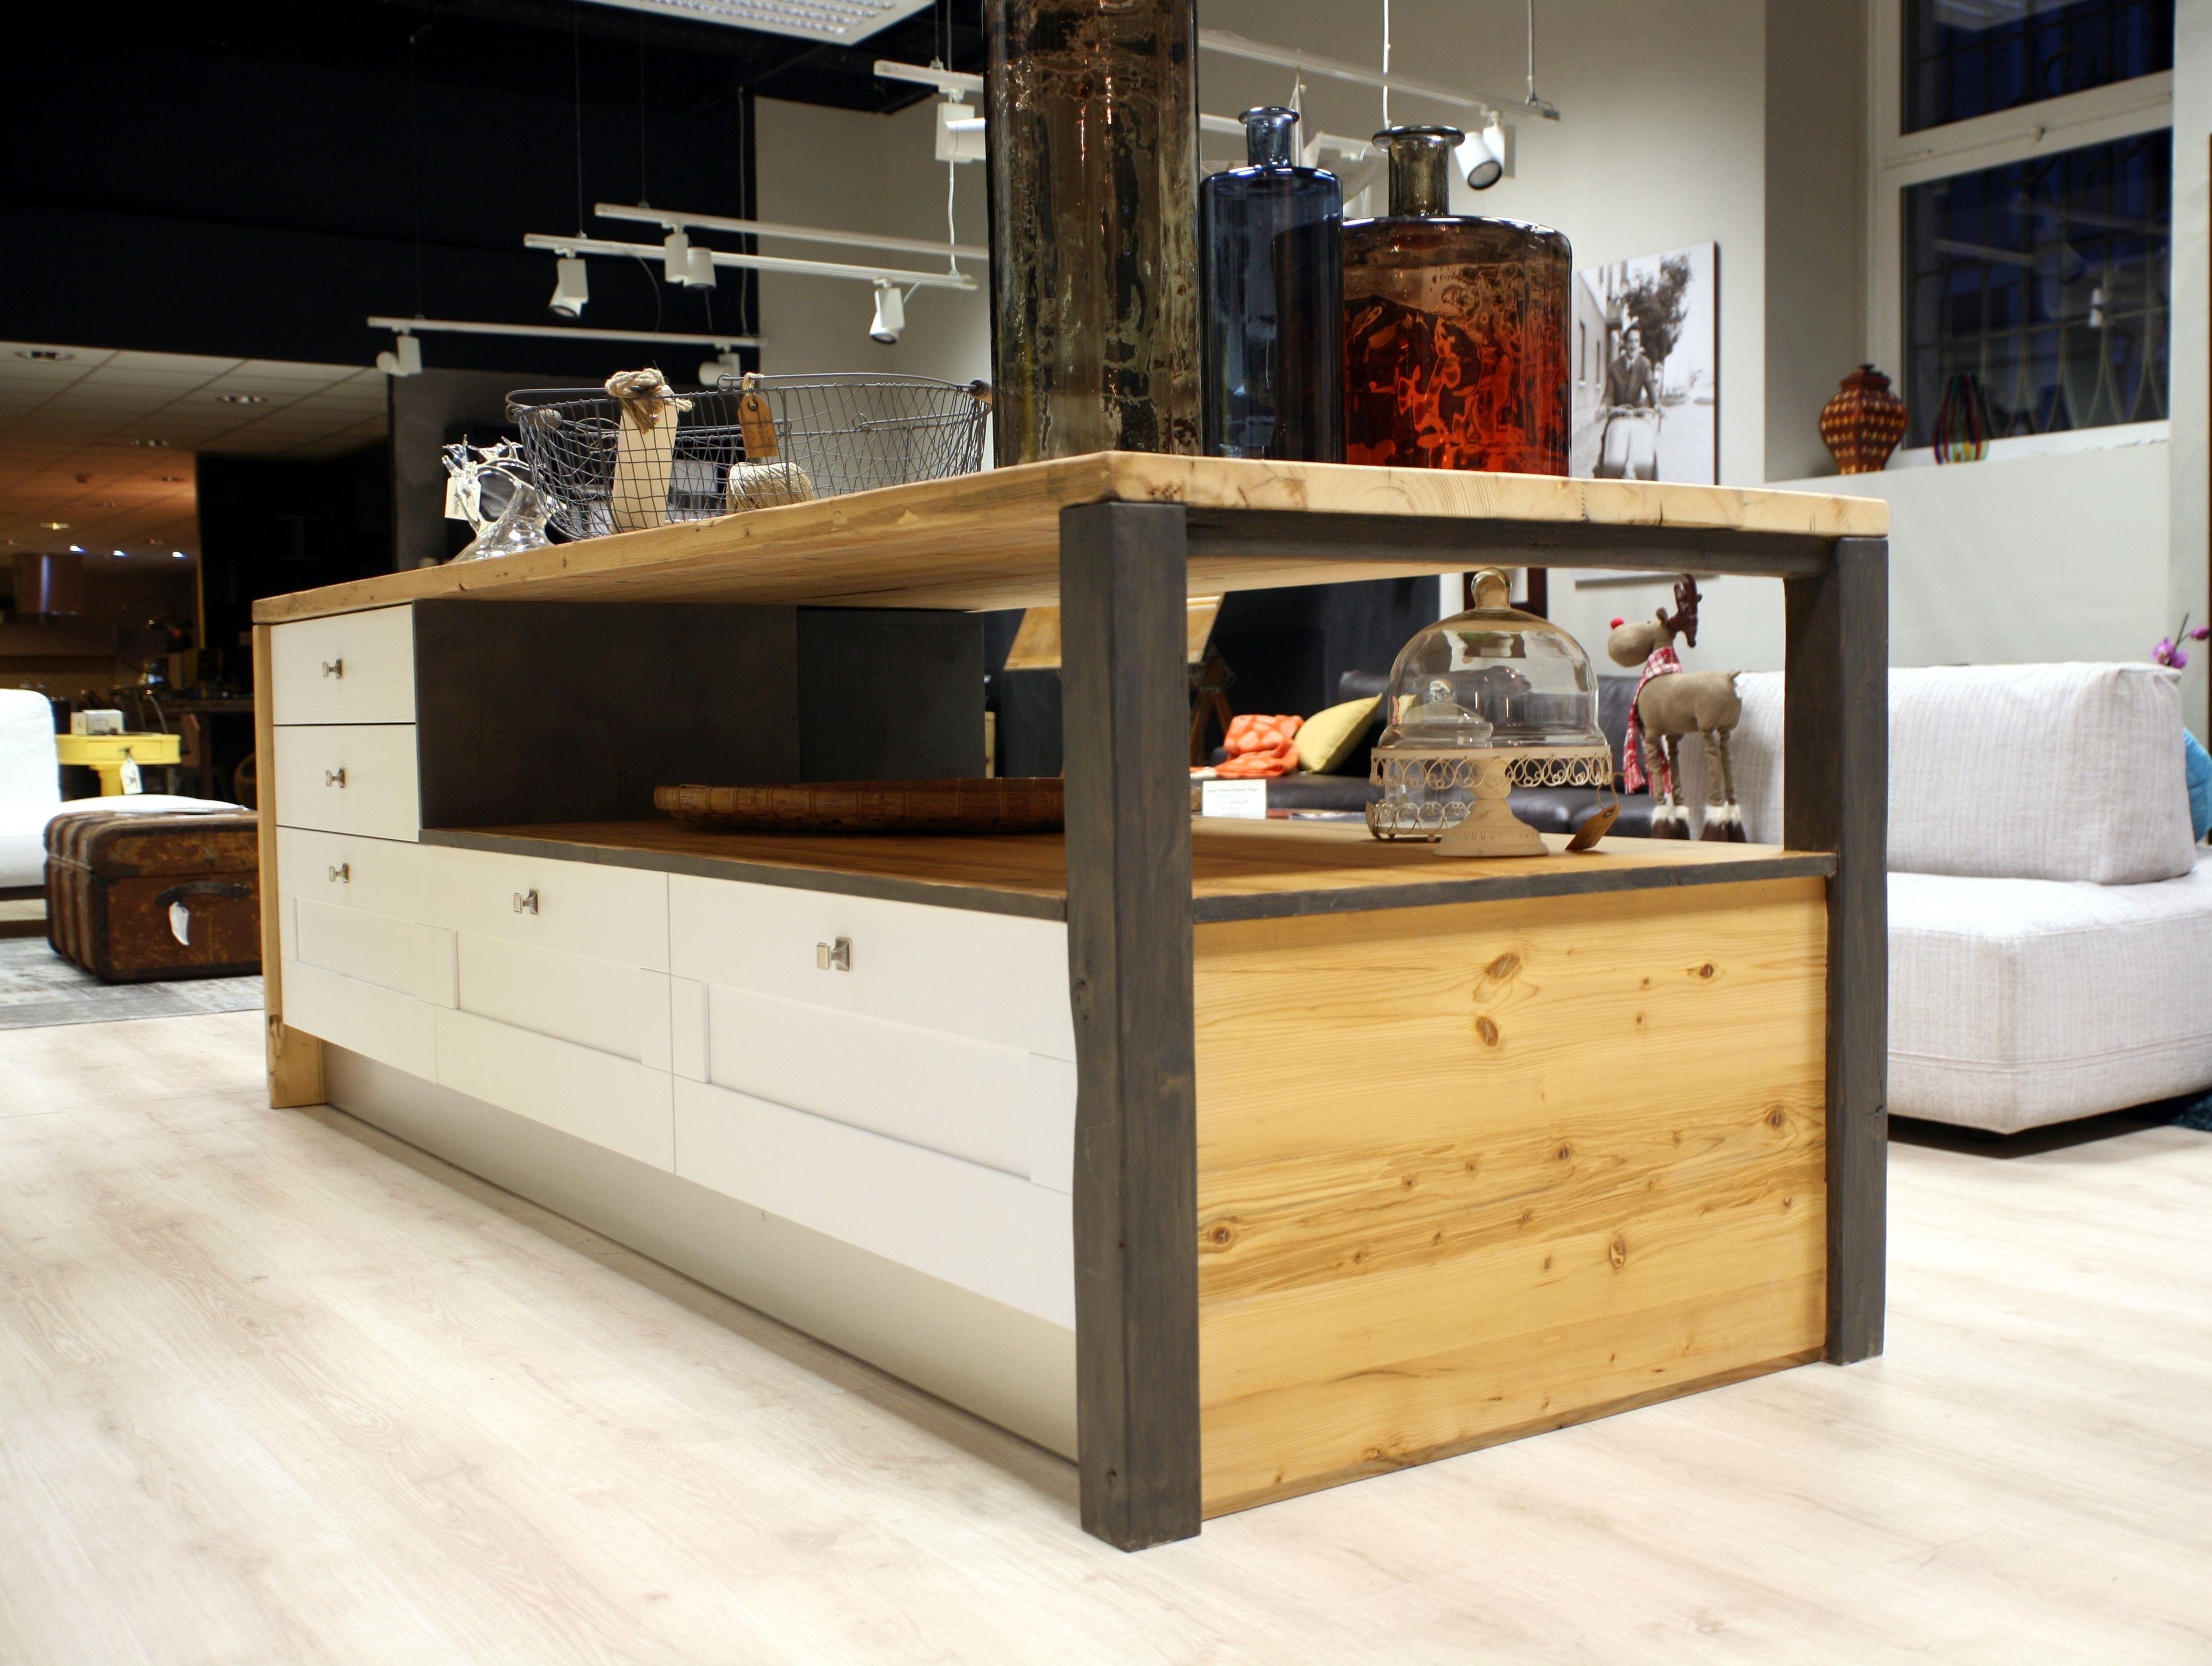 Elegant cucine lube legno cucina lube legno cucina lube - Arredamento completo casa prezzi ...